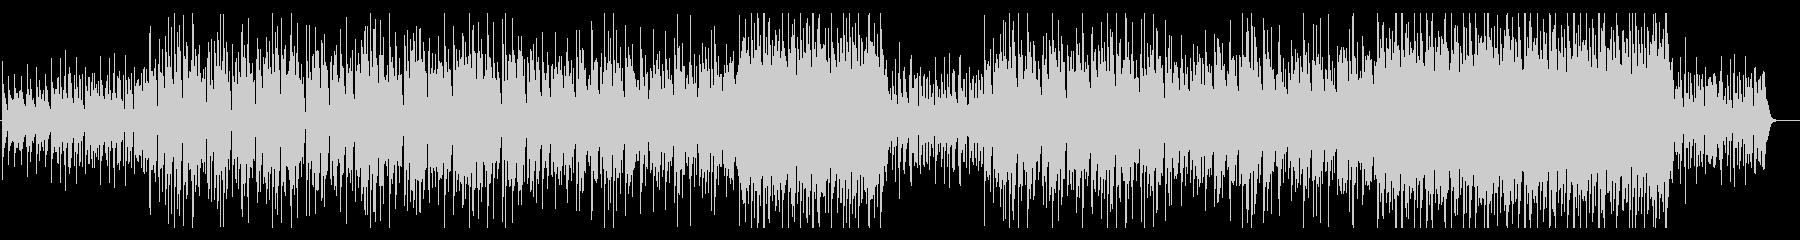 和風味の琴がメロディを奏でるロックBGMの未再生の波形